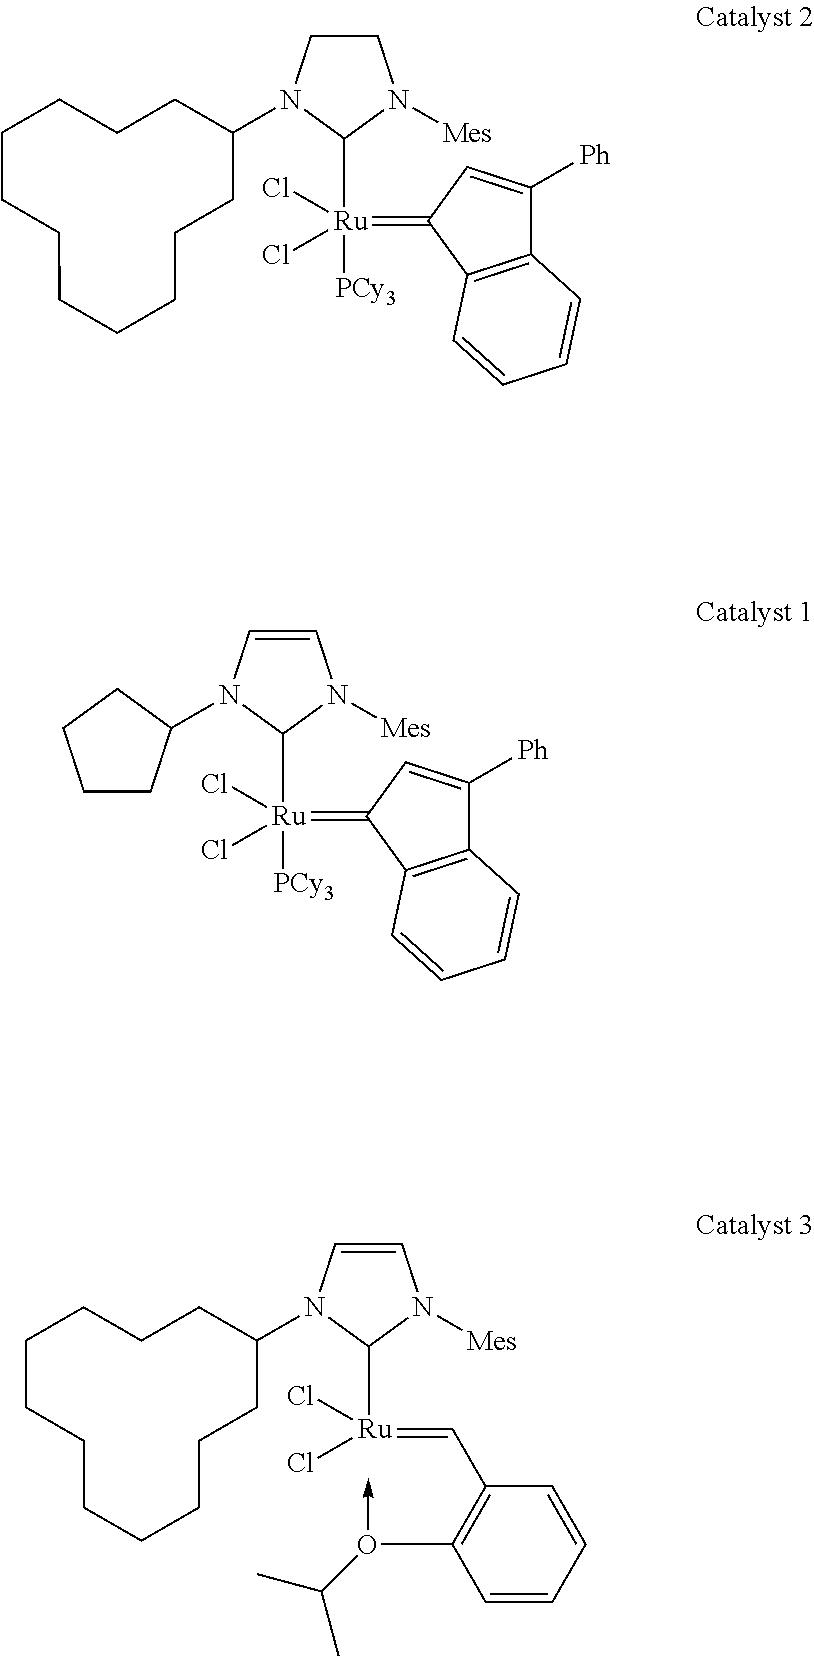 Figure US09556296-20170131-C00013